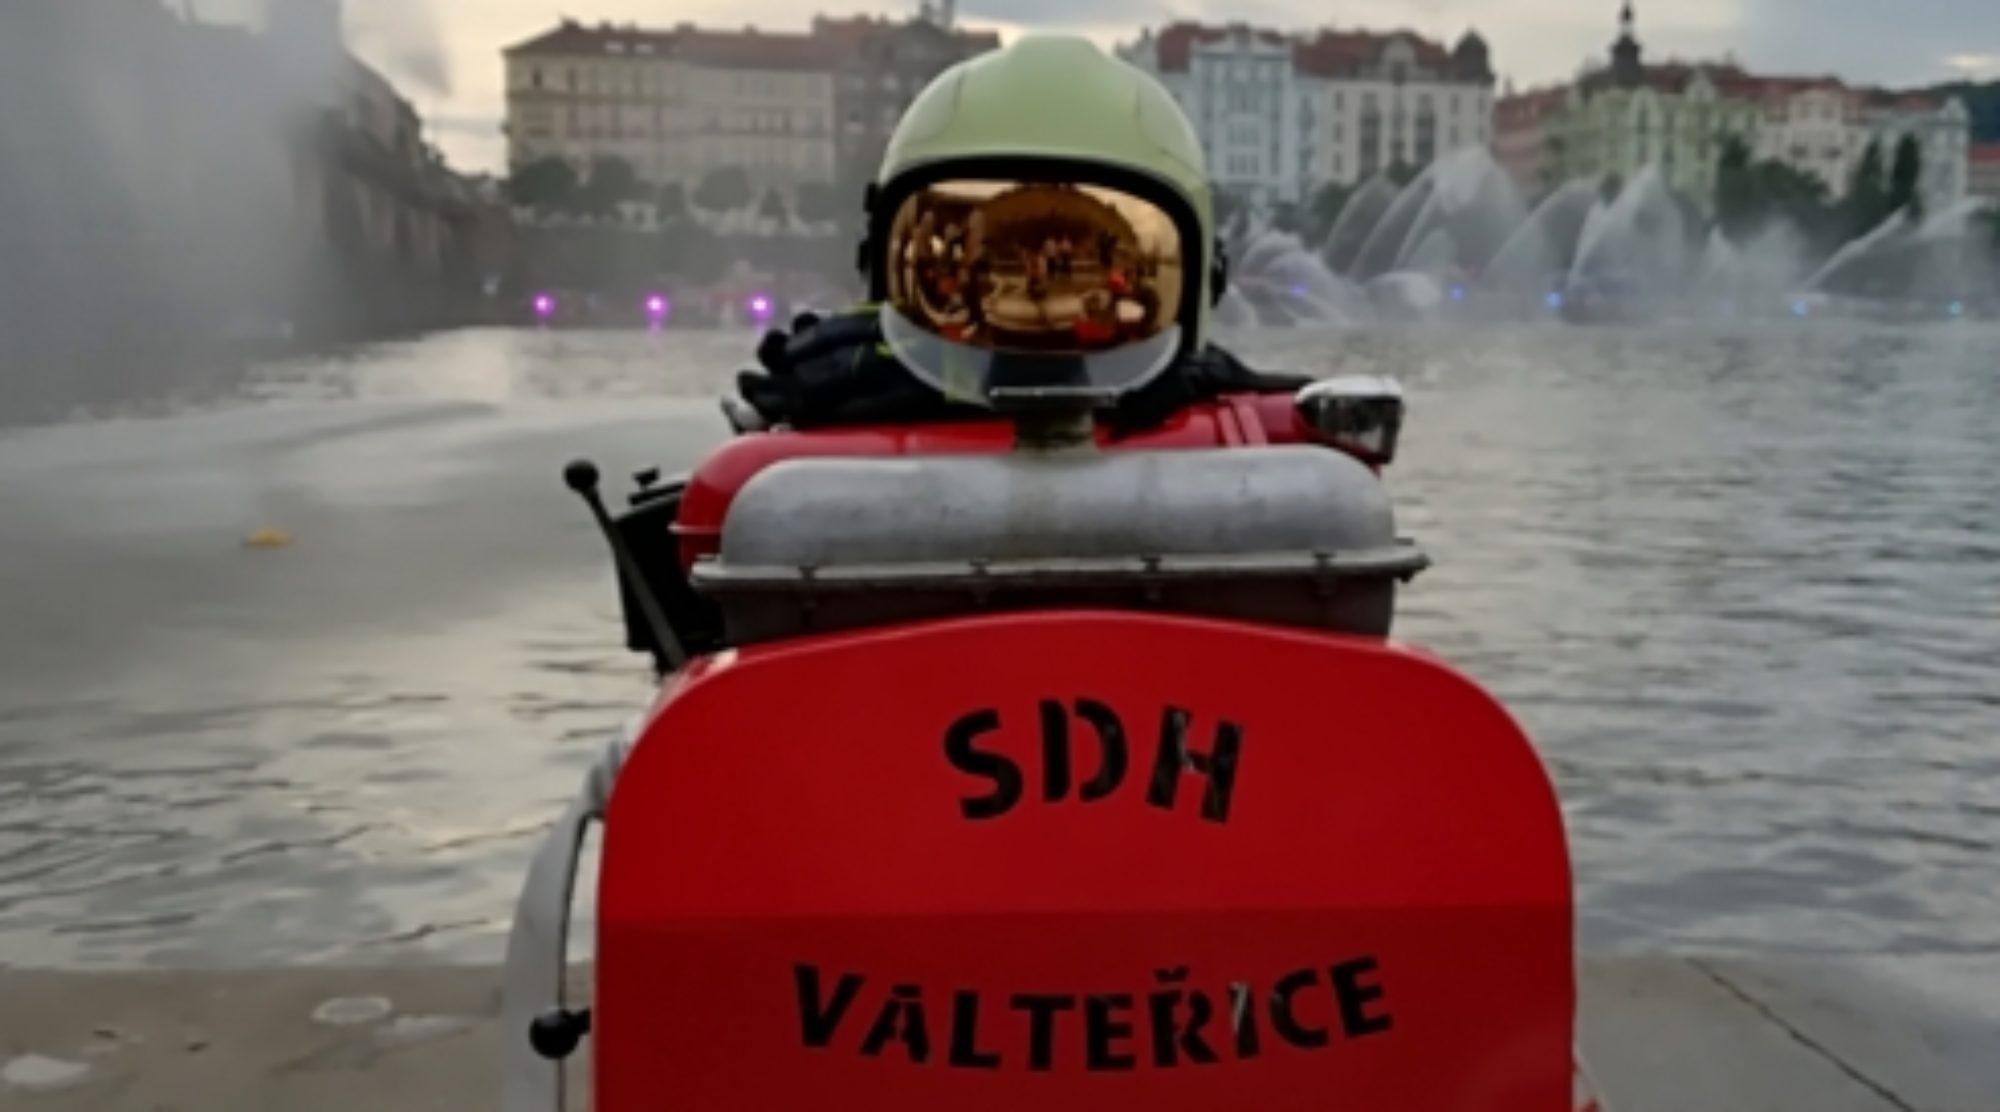 SDH Valteřice